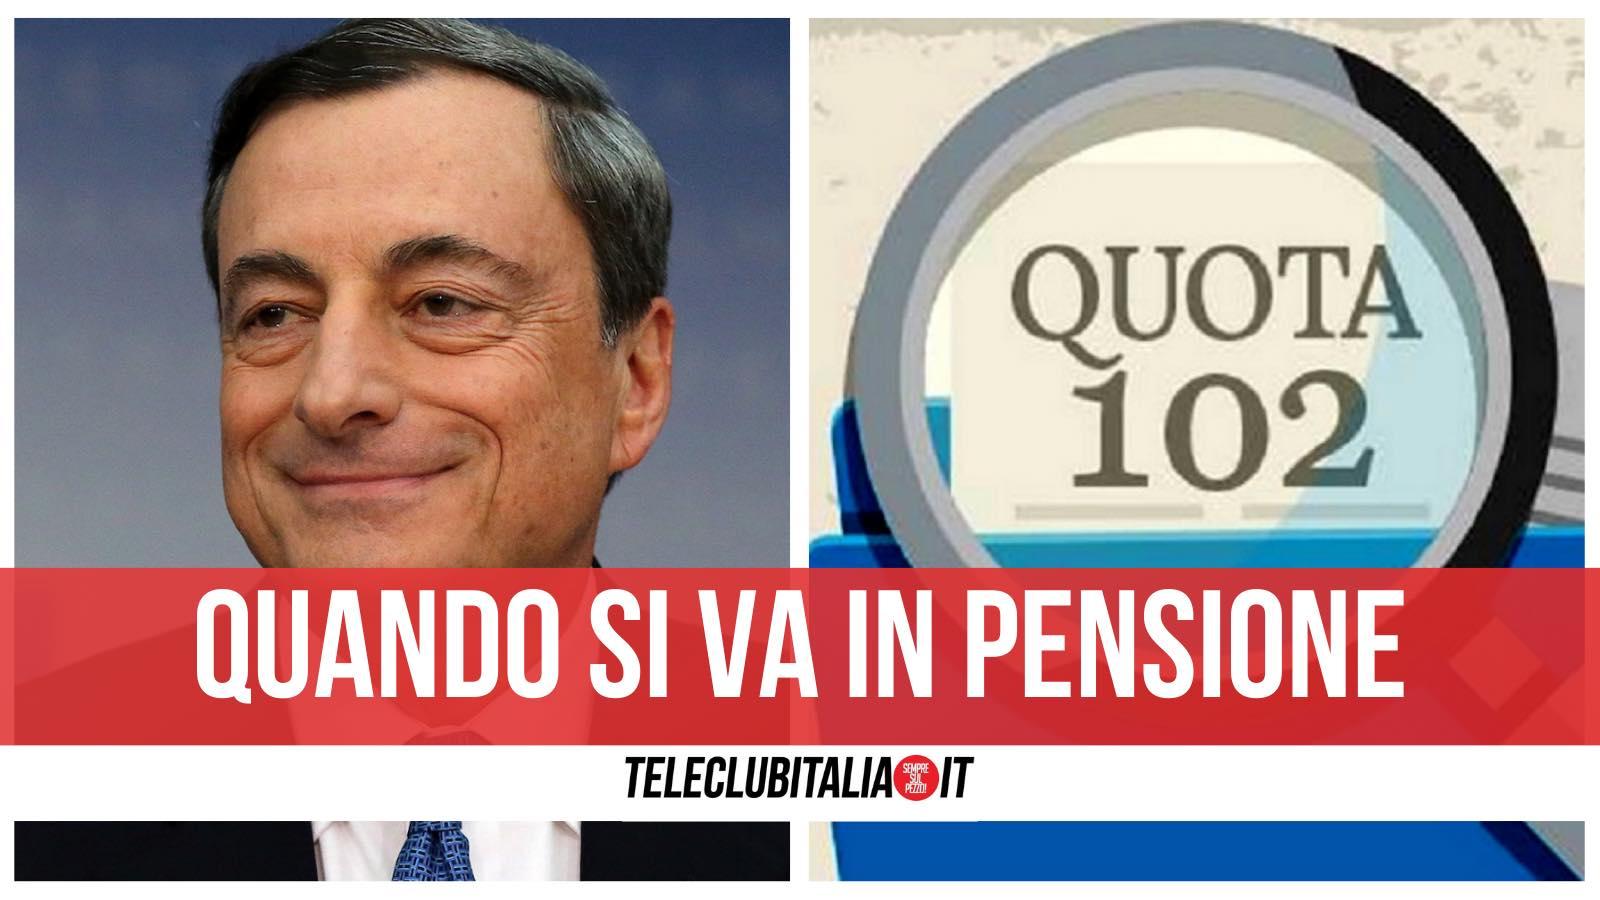 quota 102 pensioni governo draghi